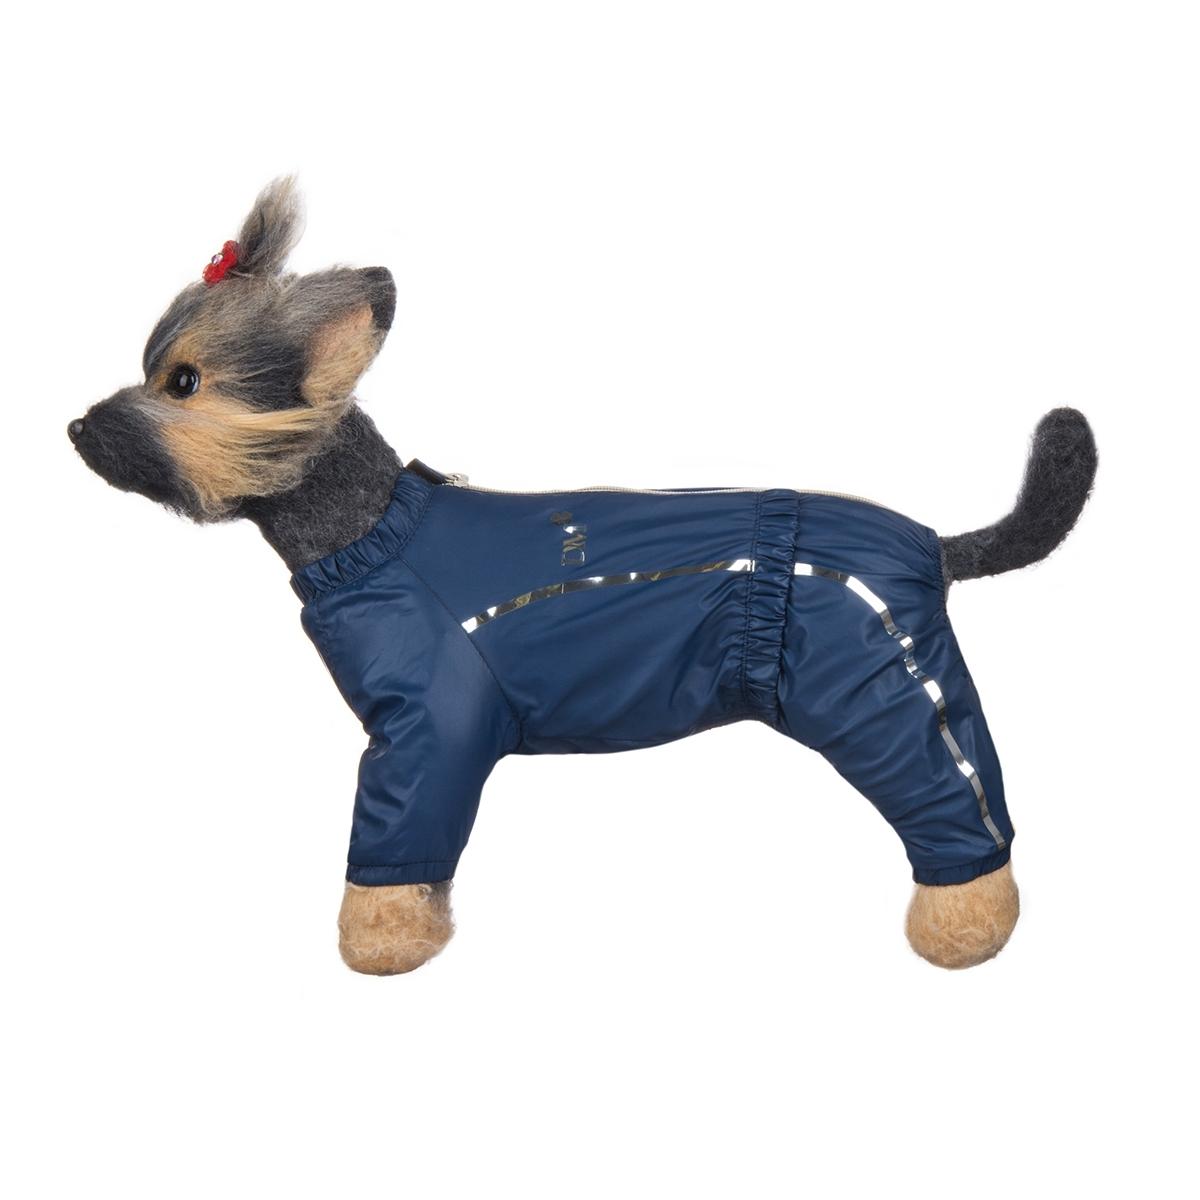 Комбинезон для собак Dogmoda Альпы, для мальчика, цвет: синий. Размер 4 (XL). DM-160101DM-160101-4_синийКомбинезон для собак Dogmoda Альпы отлично подойдет для прогулок поздней осенью или ранней весной.Комбинезон изготовлен из полиэстера, защищающего от ветра и осадков, с подкладкой из флиса, которая сохранит тепло и обеспечит отличный воздухообмен.Комбинезон застегивается на молнию и липучку, благодаря чему его легко надевать и снимать. Ворот, низ рукавов и брючин оснащены внутренними резинками, которые мягко обхватывают шею и лапки, не позволяя просачиваться холодному воздуху. На пояснице имеется внутренняя резинка. Изделие декорировано золотистыми полосками и надписью DM.Благодаря такому комбинезону простуда не грозит вашему питомцу и он не даст любимцу продрогнуть на прогулке.Длина по спинке: 32 см.Объем груди: 52 см.Обхват шеи: 33 см.